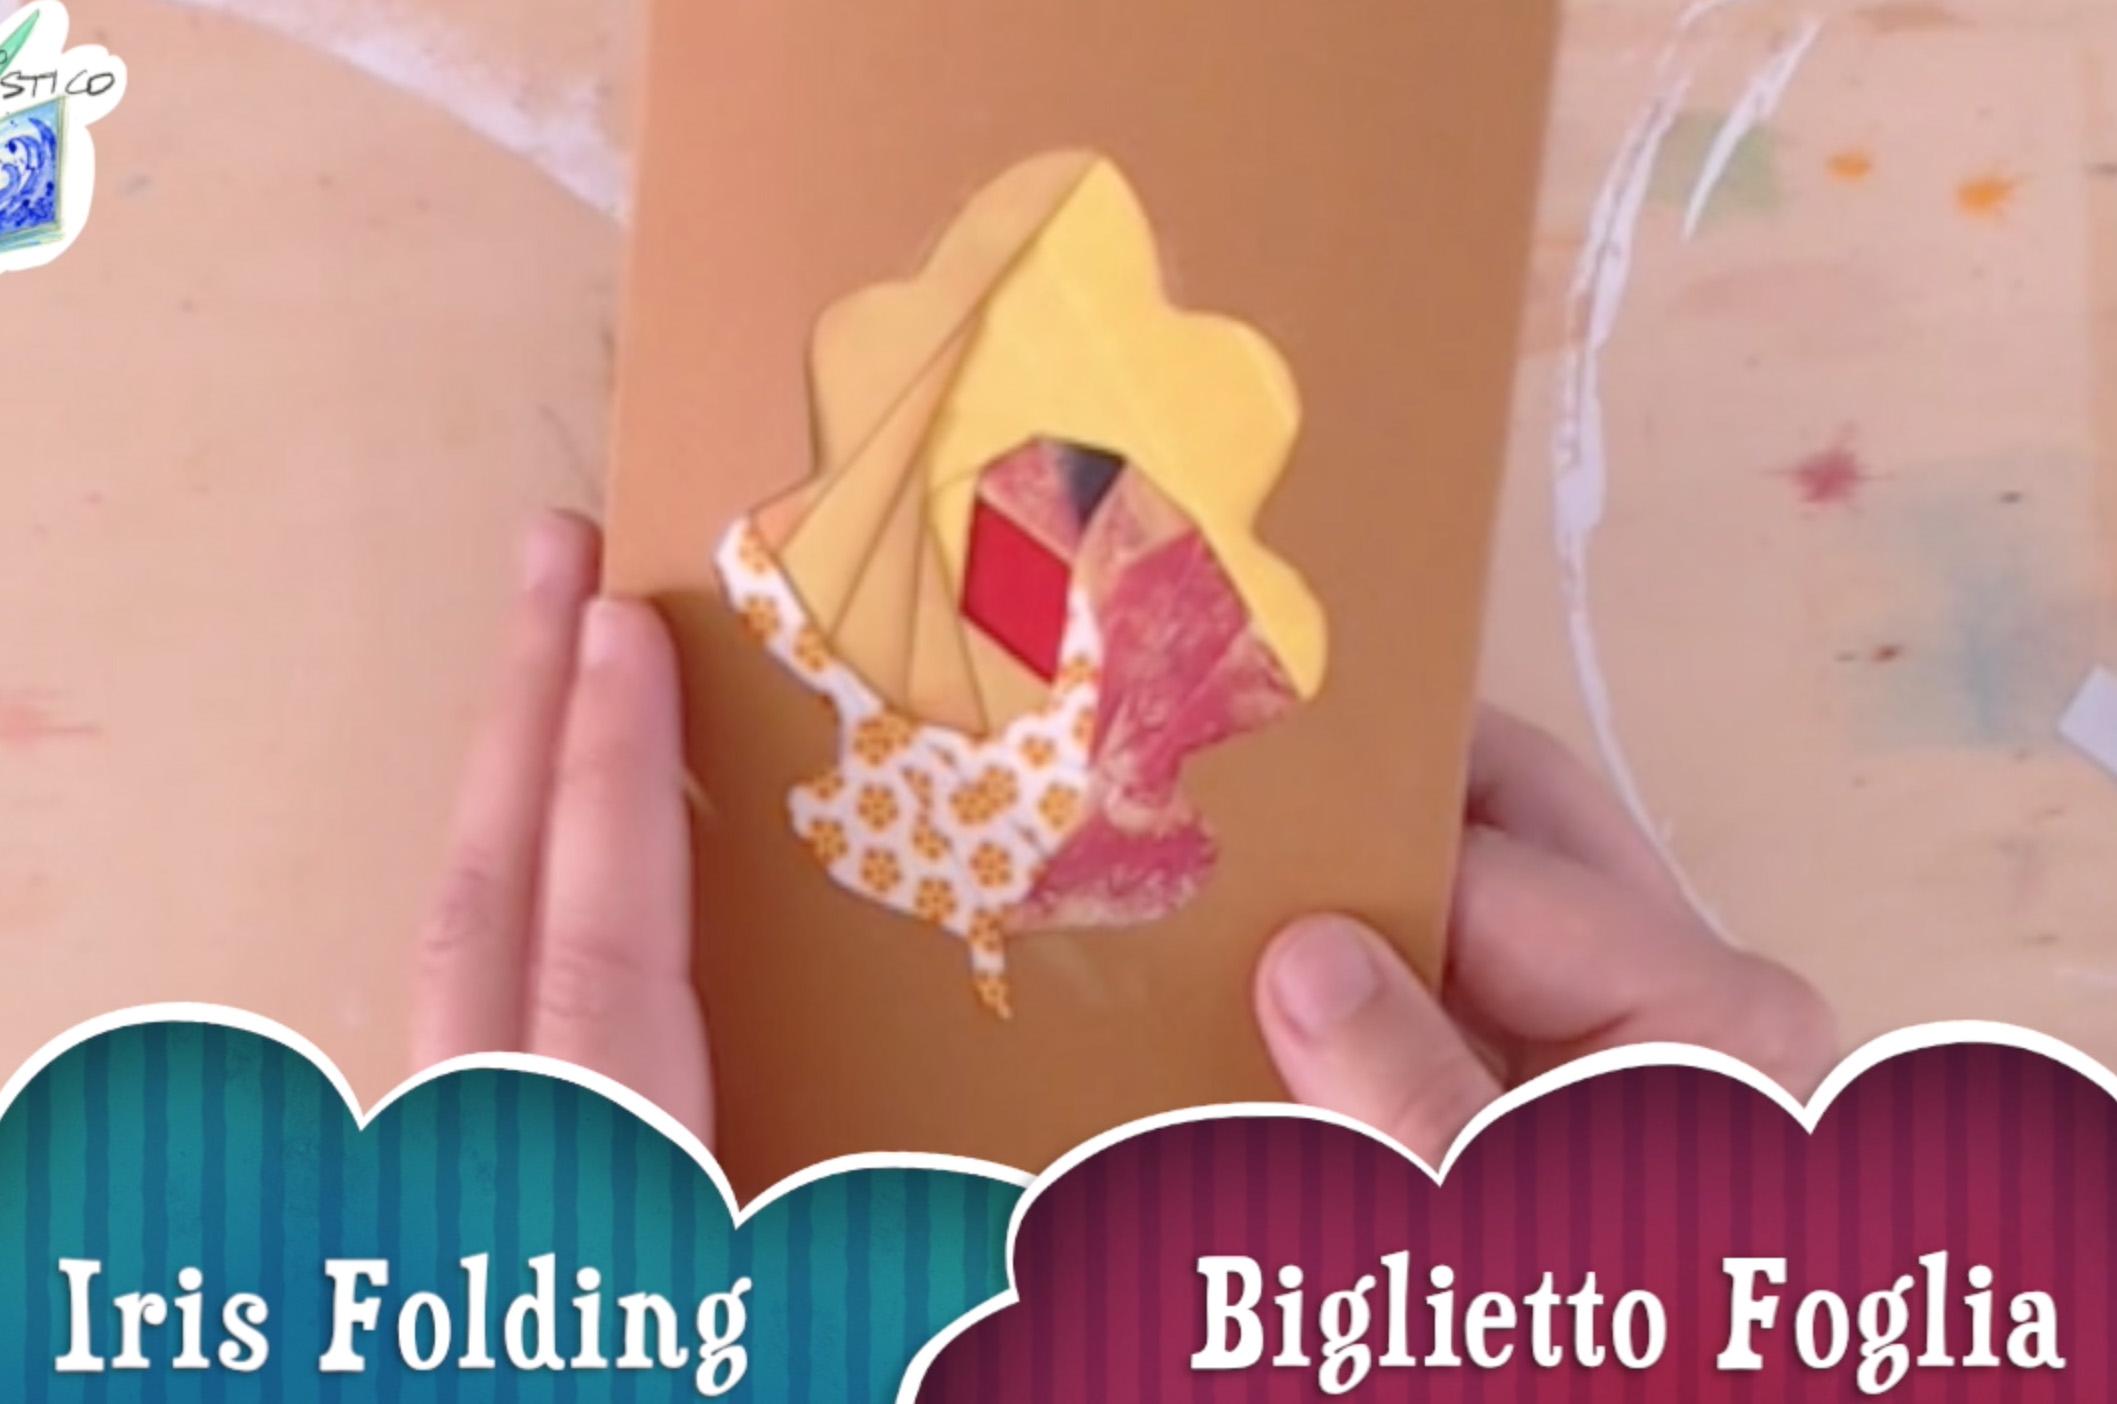 iris folding quercia